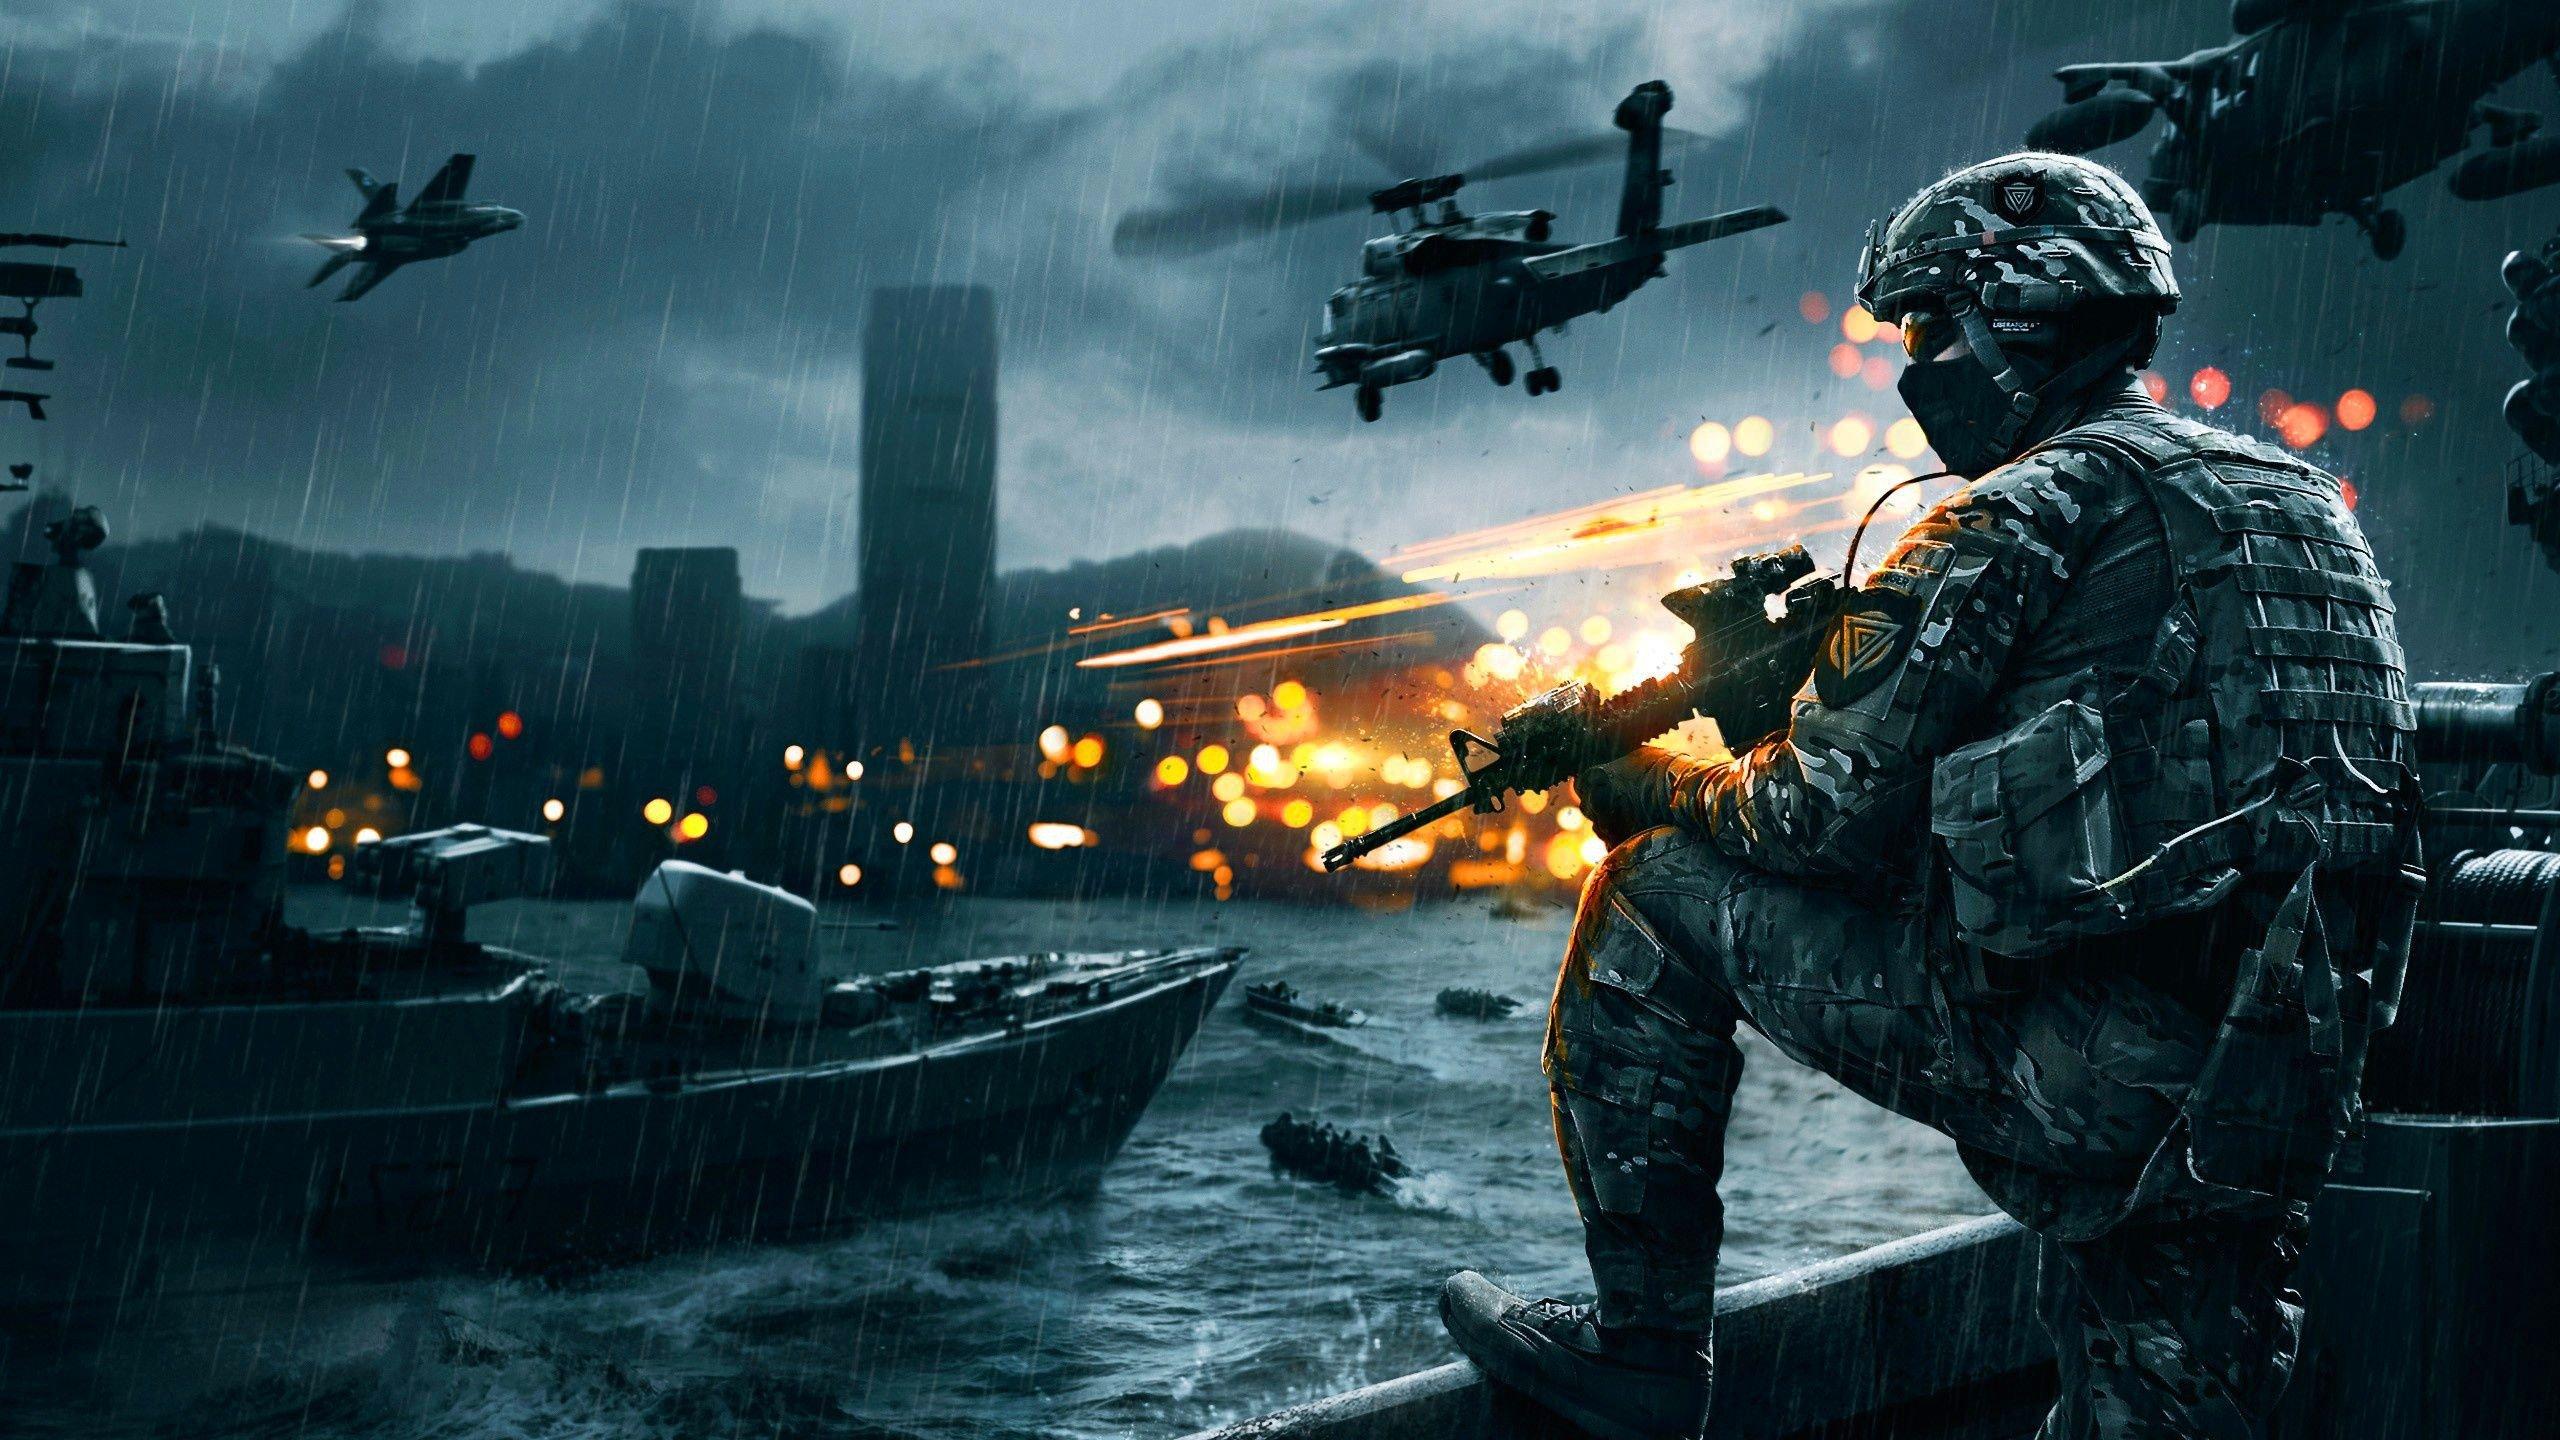 デスクトップ壁紙 2560x1440 Px アクション 戦場 Fps ヘリコプター 軍事 海軍 ポスター 射手 ステルス ストライク 戦術的 2560x1440 4kwallpaper デスクトップ壁紙 Wallhere